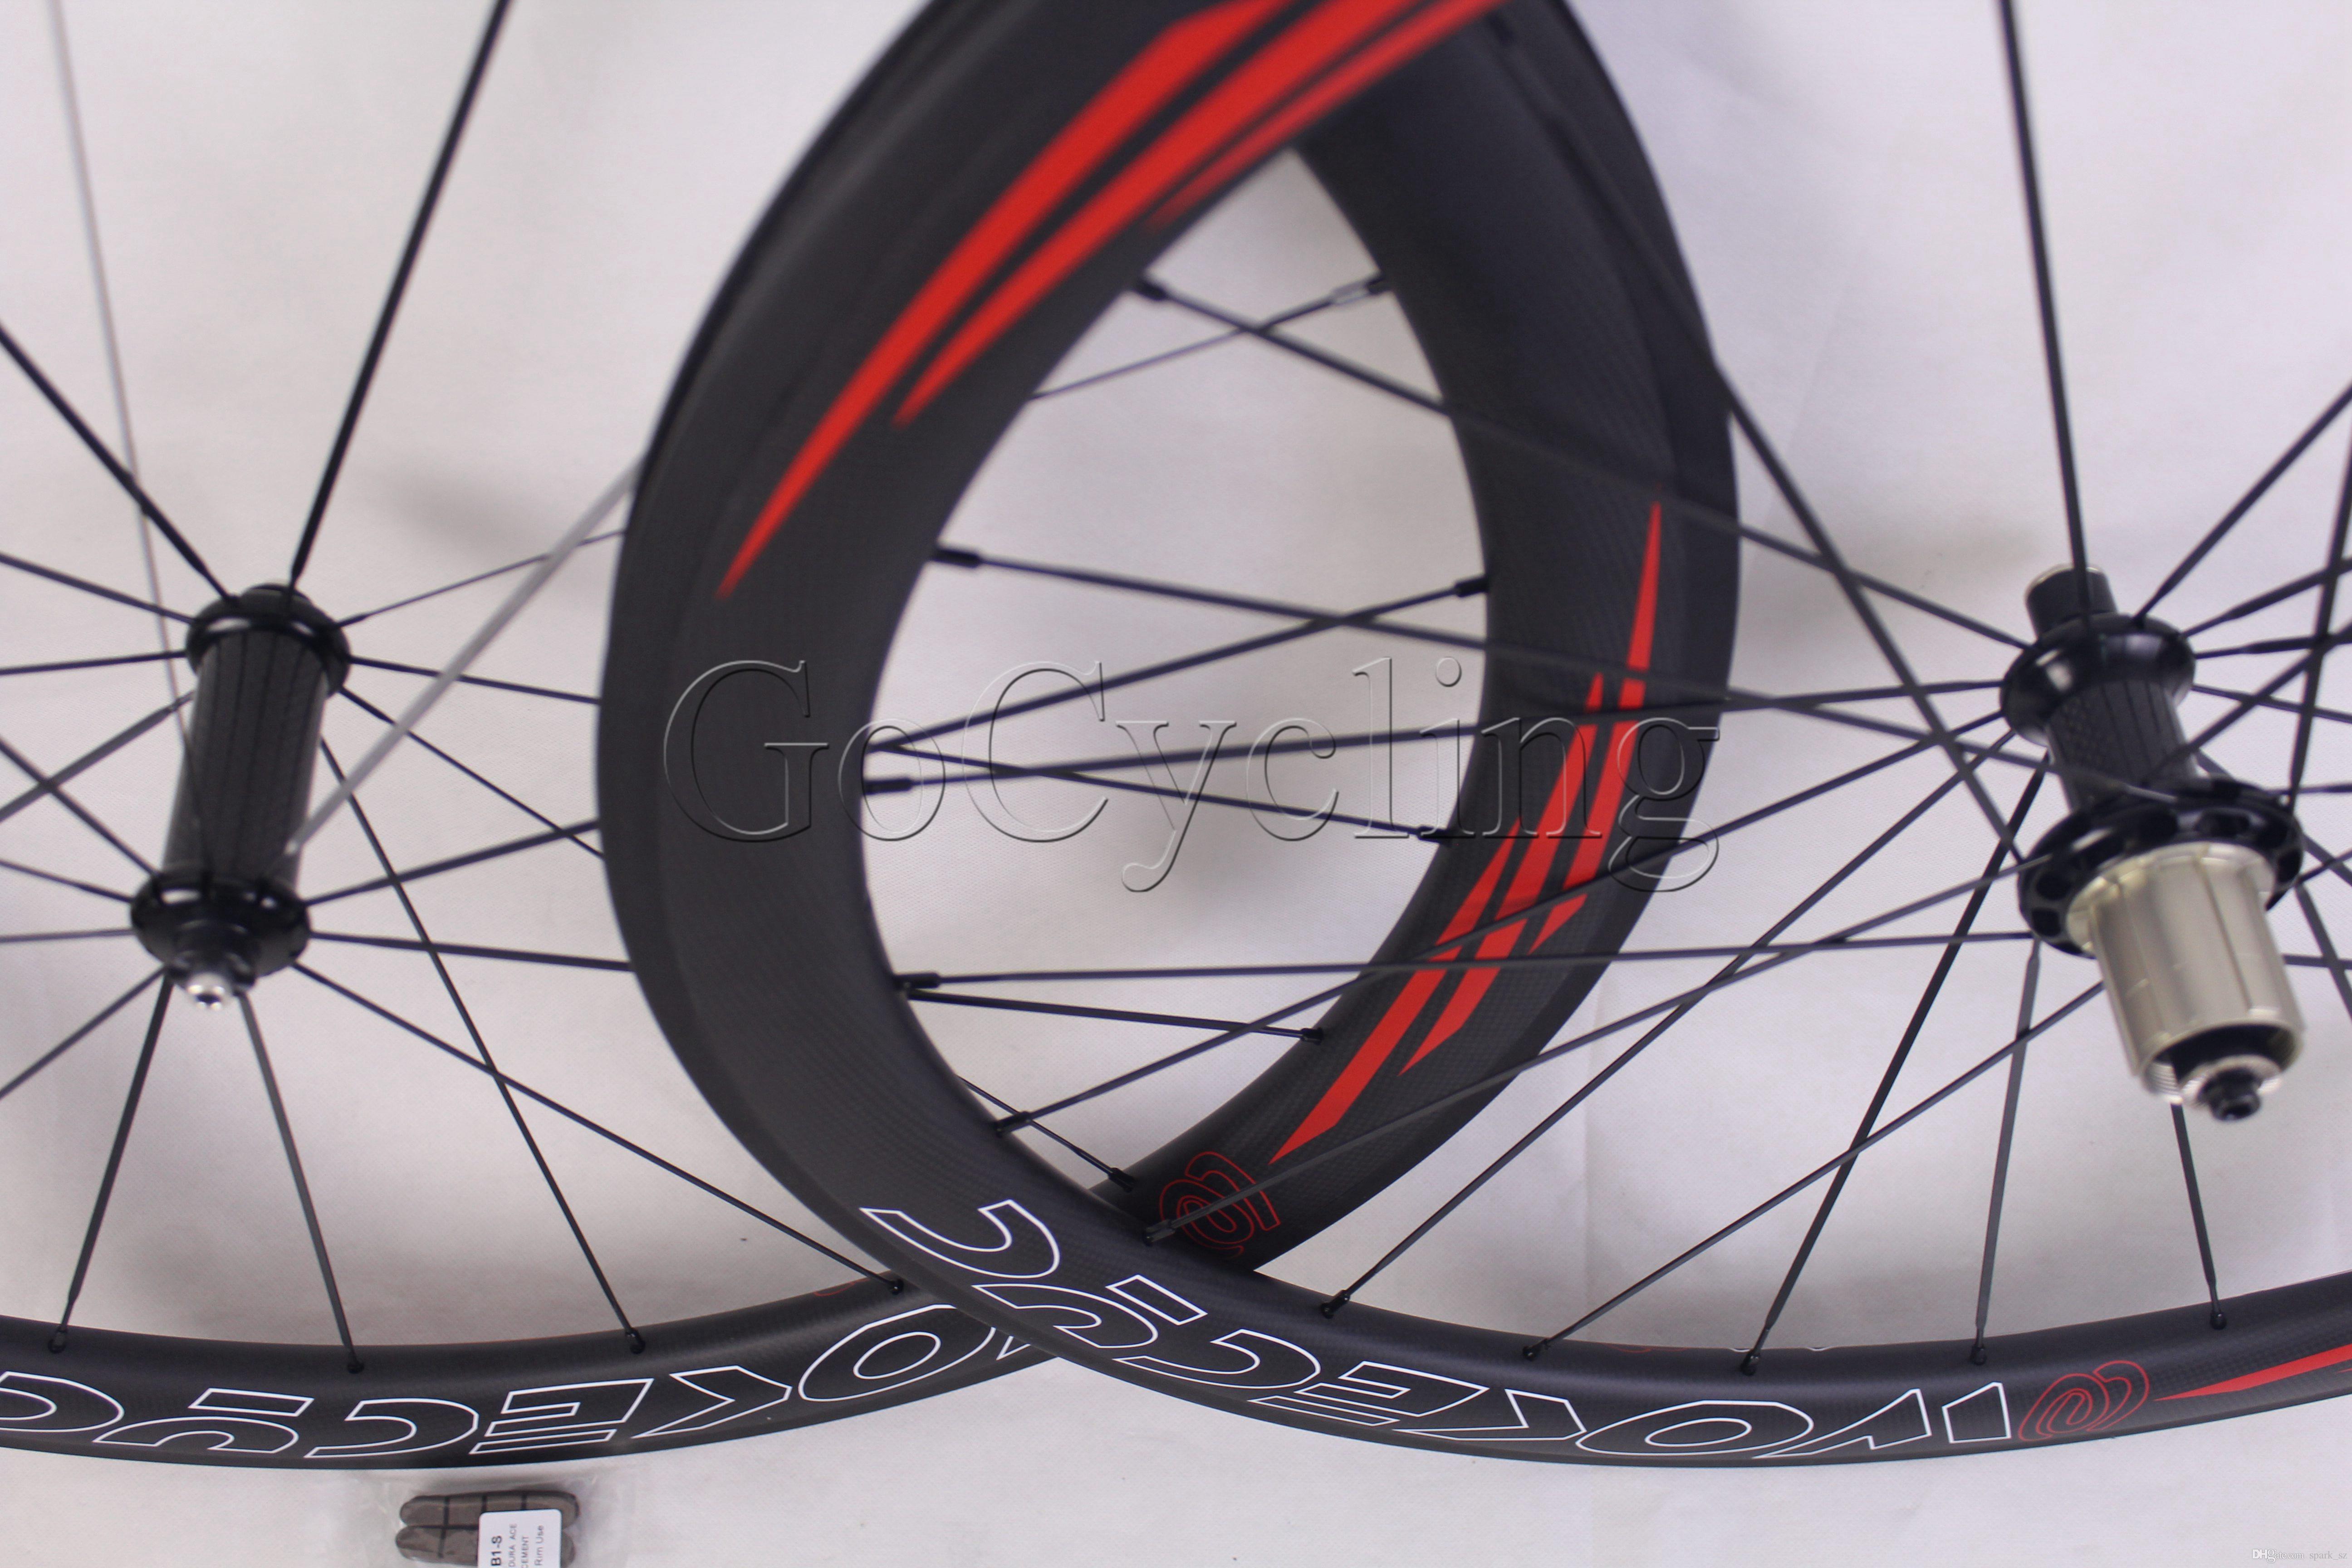 탄소 도로 자전거 바퀴 powerway R36 림 깊이 50mm clincher 관 모양 도로 사이클링 자전거 레이싱 wheelset 700C 현무암 브레이크 서핑